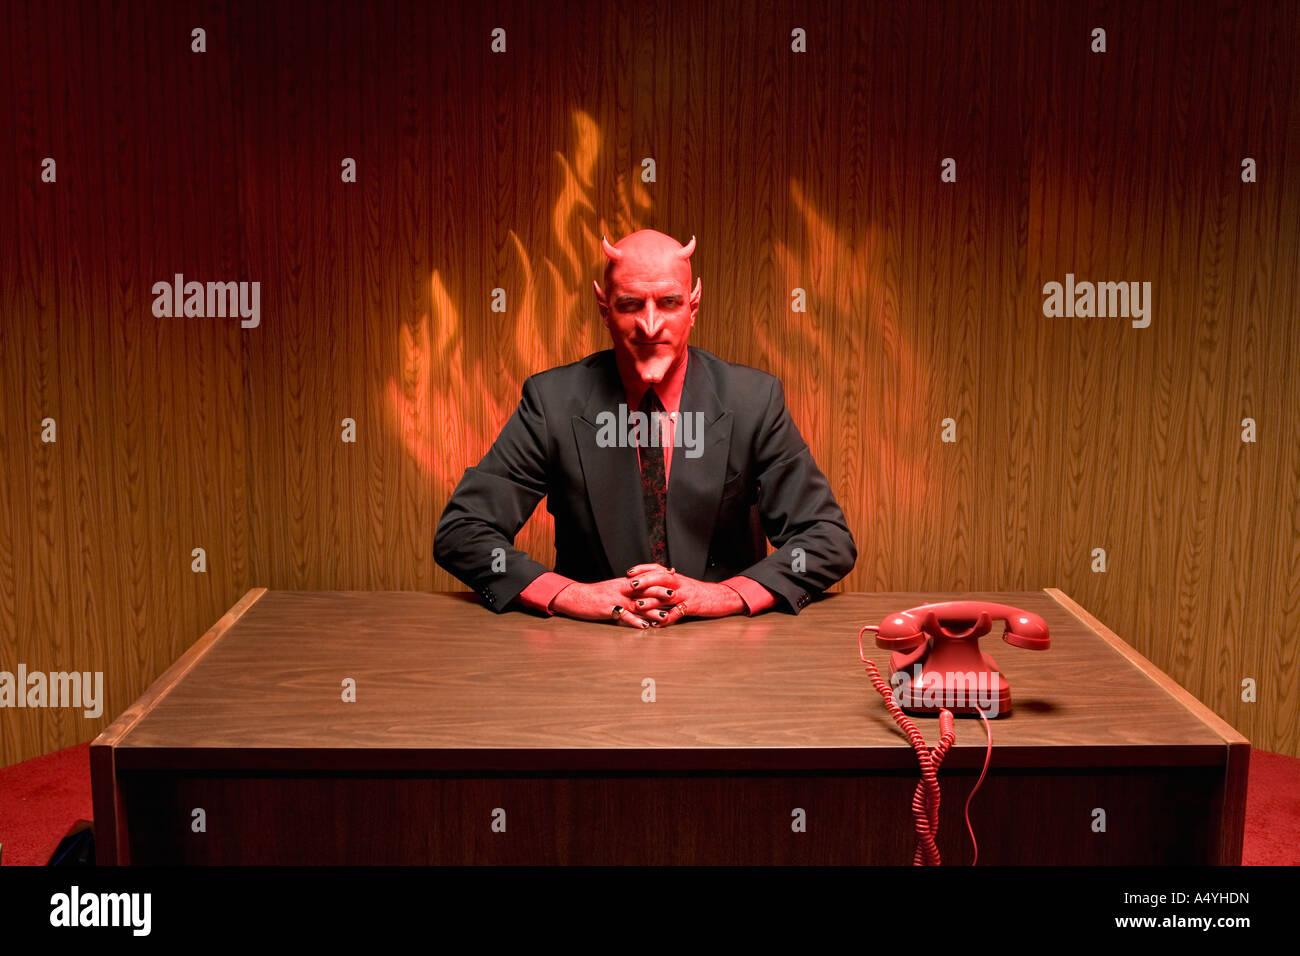 Businessman dressed as devil at desk - Stock Image